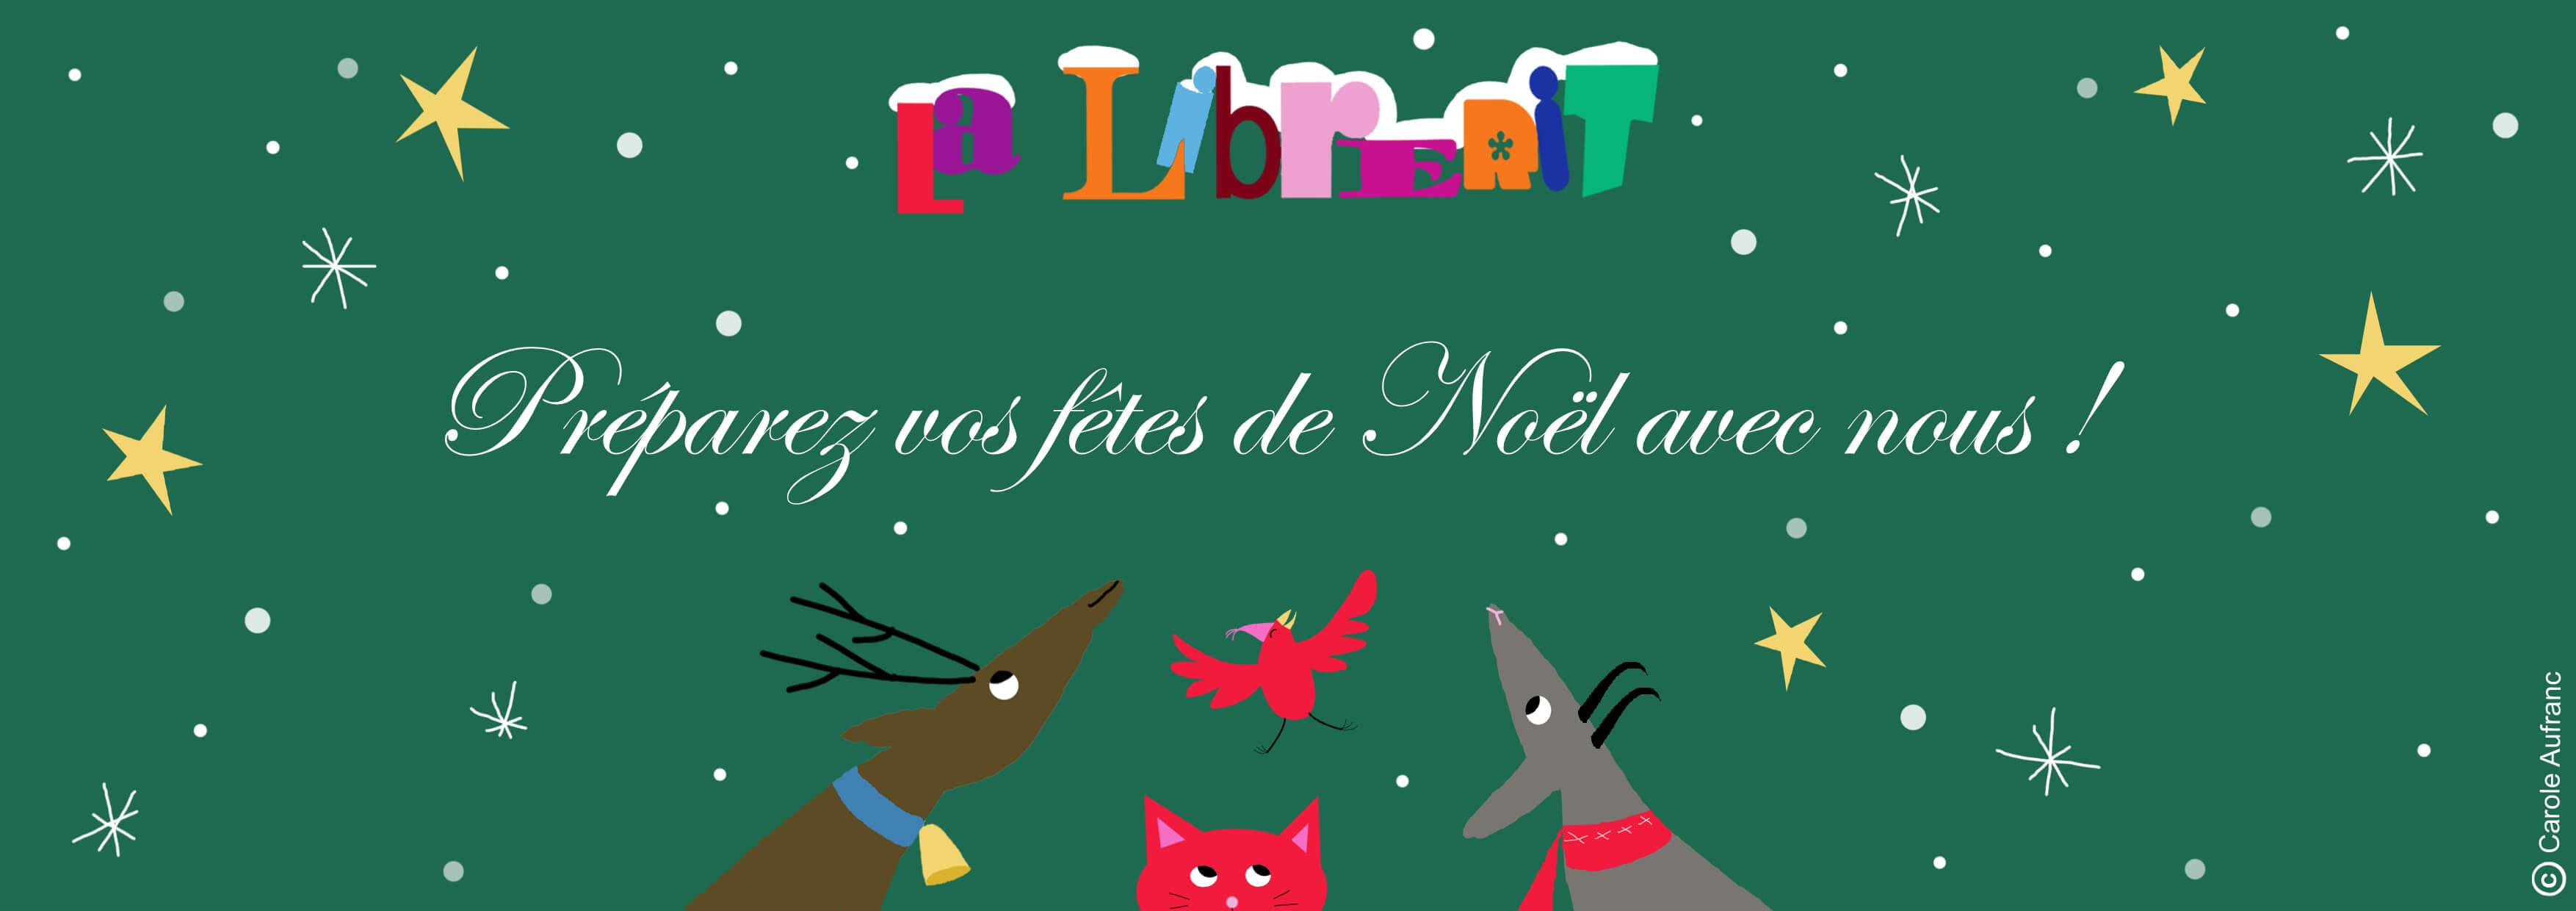 Noël à La Librerit